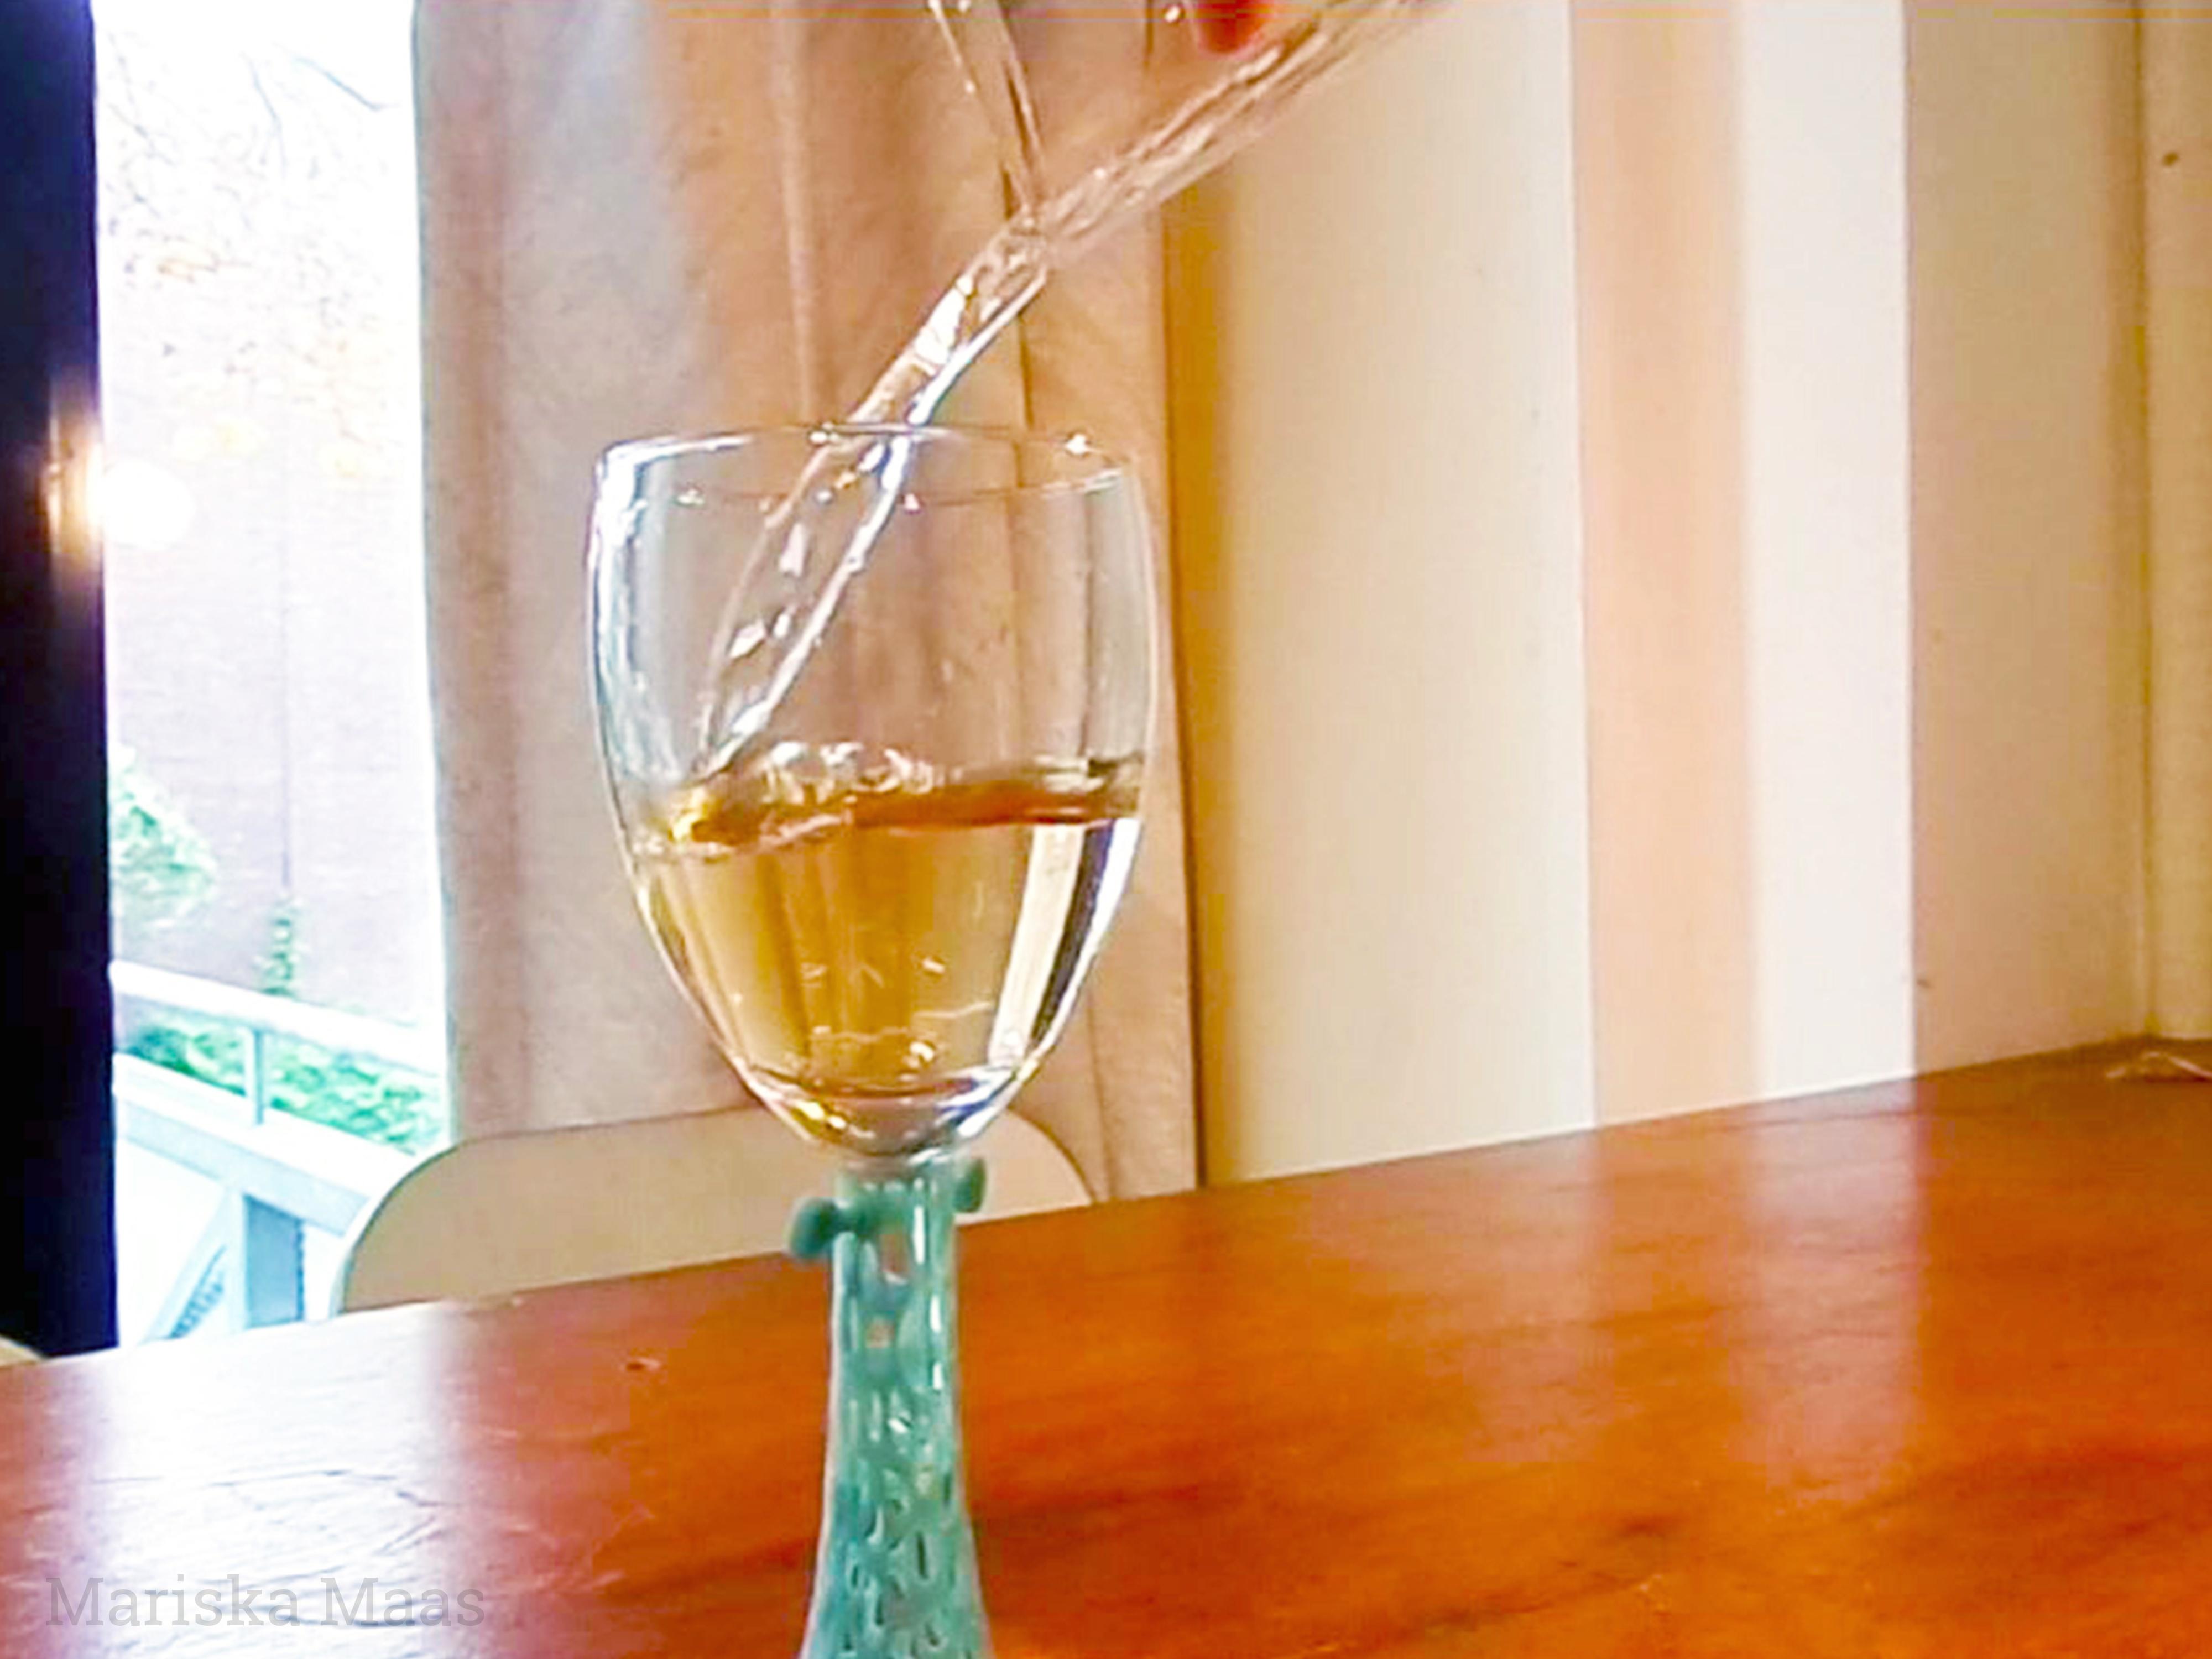 Voronoi Winebase